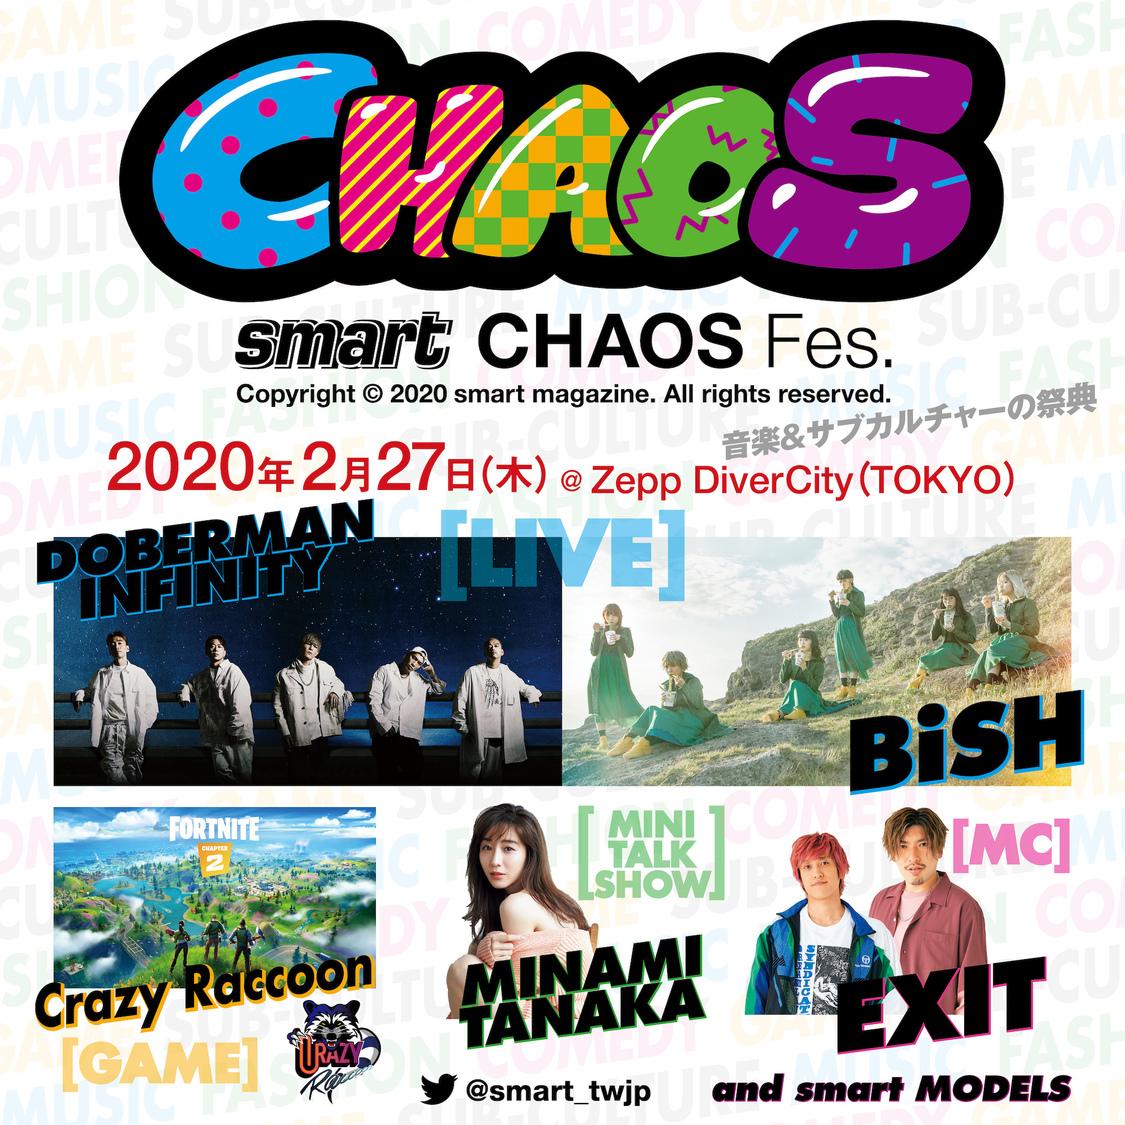 BiSH、雑誌『smart』スペシャルイベント<smart-CHAOS-Fes.>出演決定!【コメントあり】